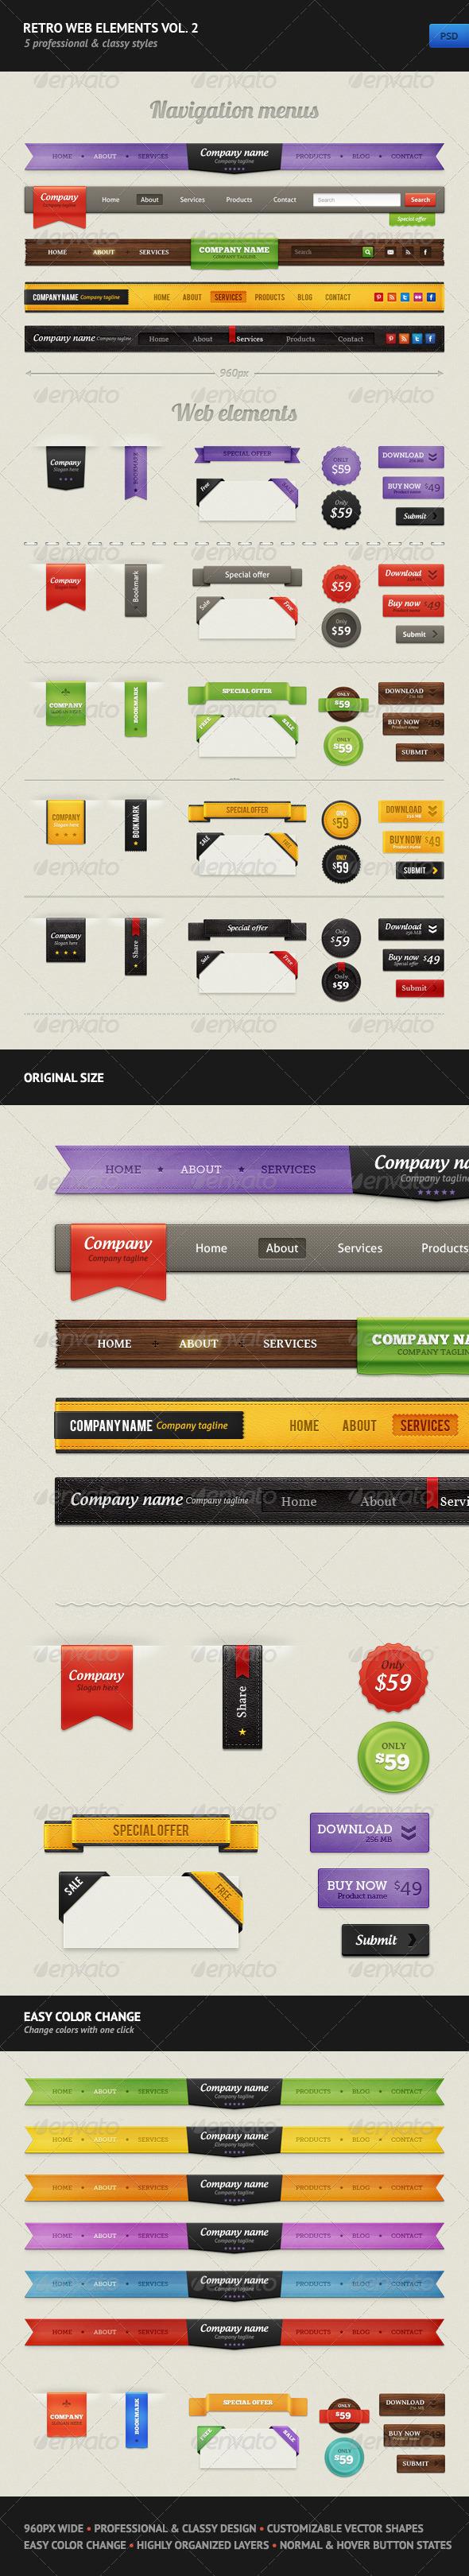 GraphicRiver Retro Web Elements Vol 2 2437172